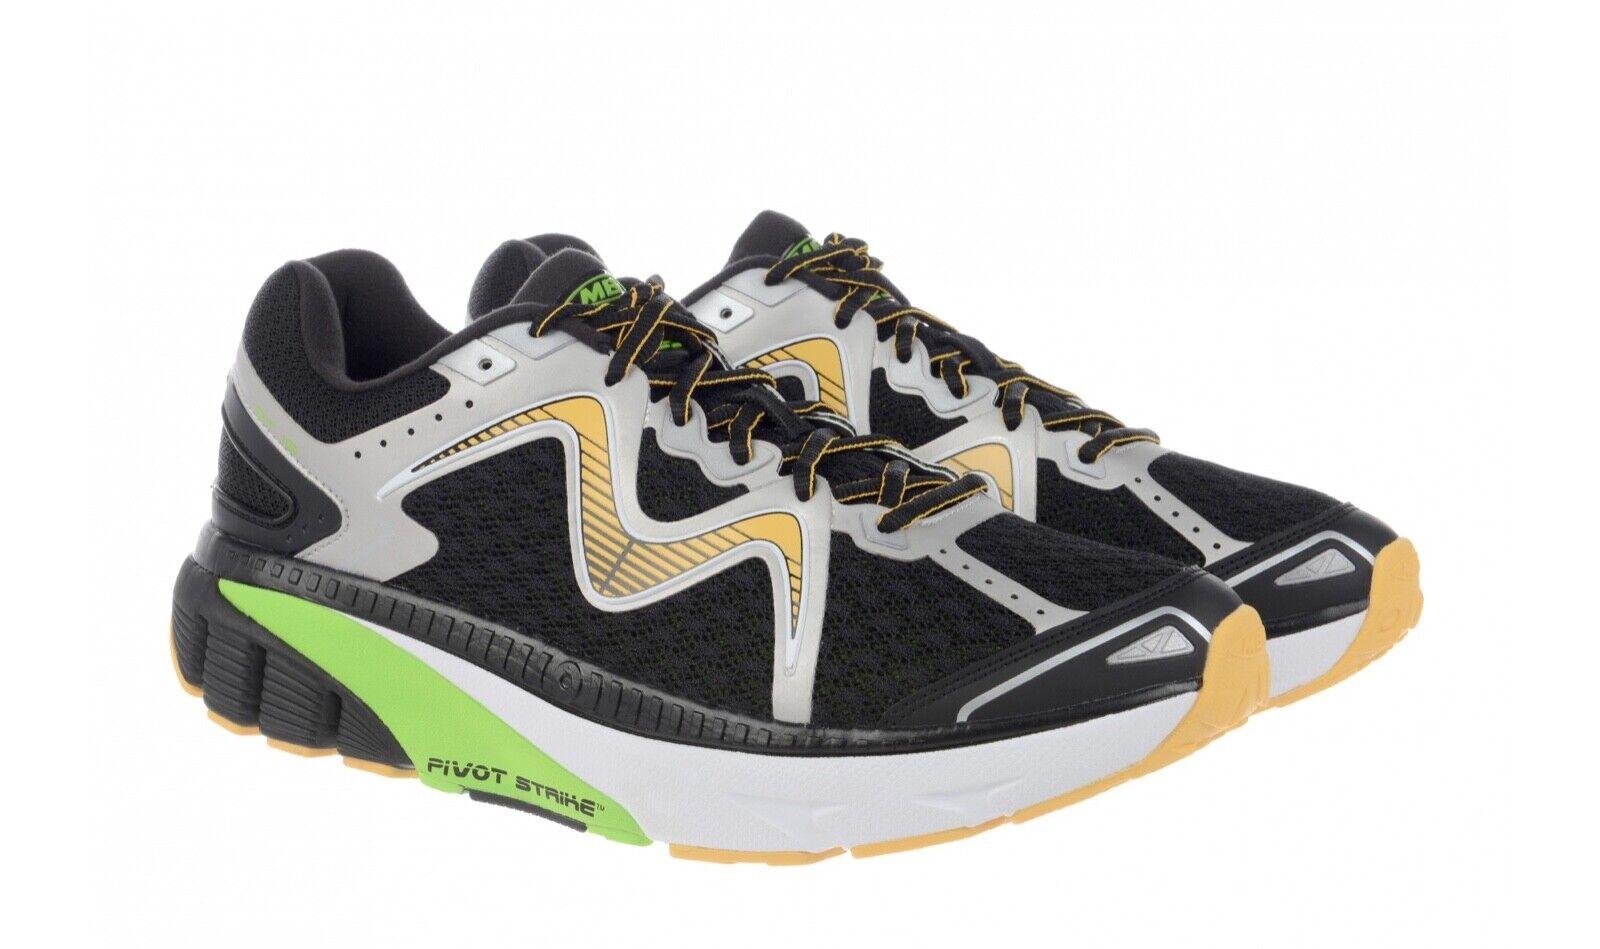 MBT GT16 Para Hombre Zapato Atlético Runner Walker (ligero rockero, 2 Colors)